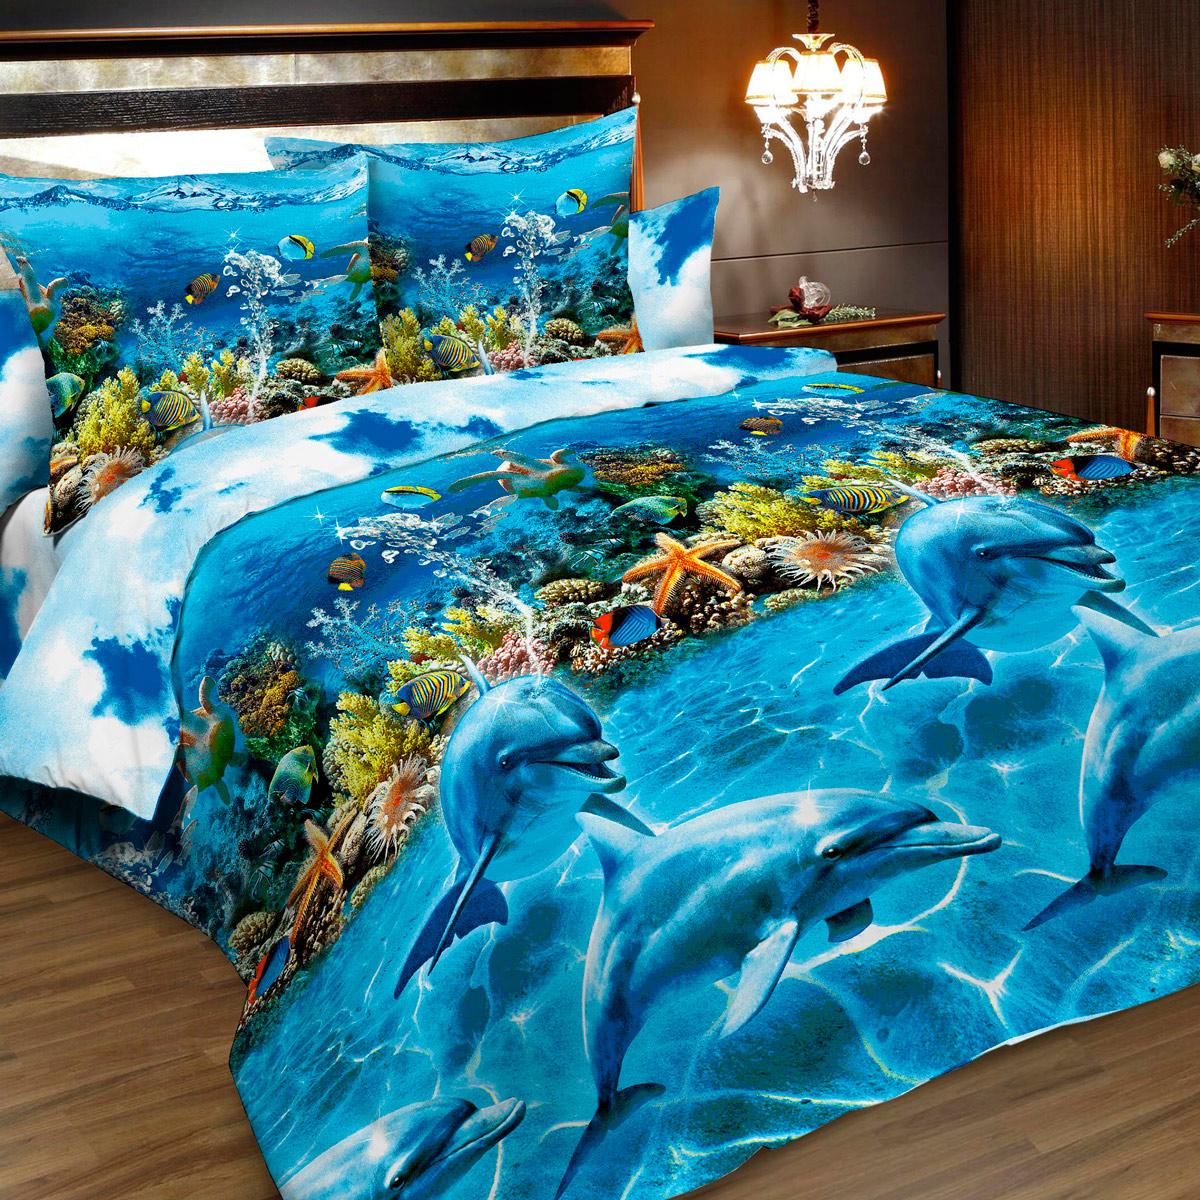 Комплект белья Letto, евро, наволочки 70х70, цвет: голубой, синий. B183-6 комплект белья letto семейный наволочки 70х70 цвет голубой синий b183 7